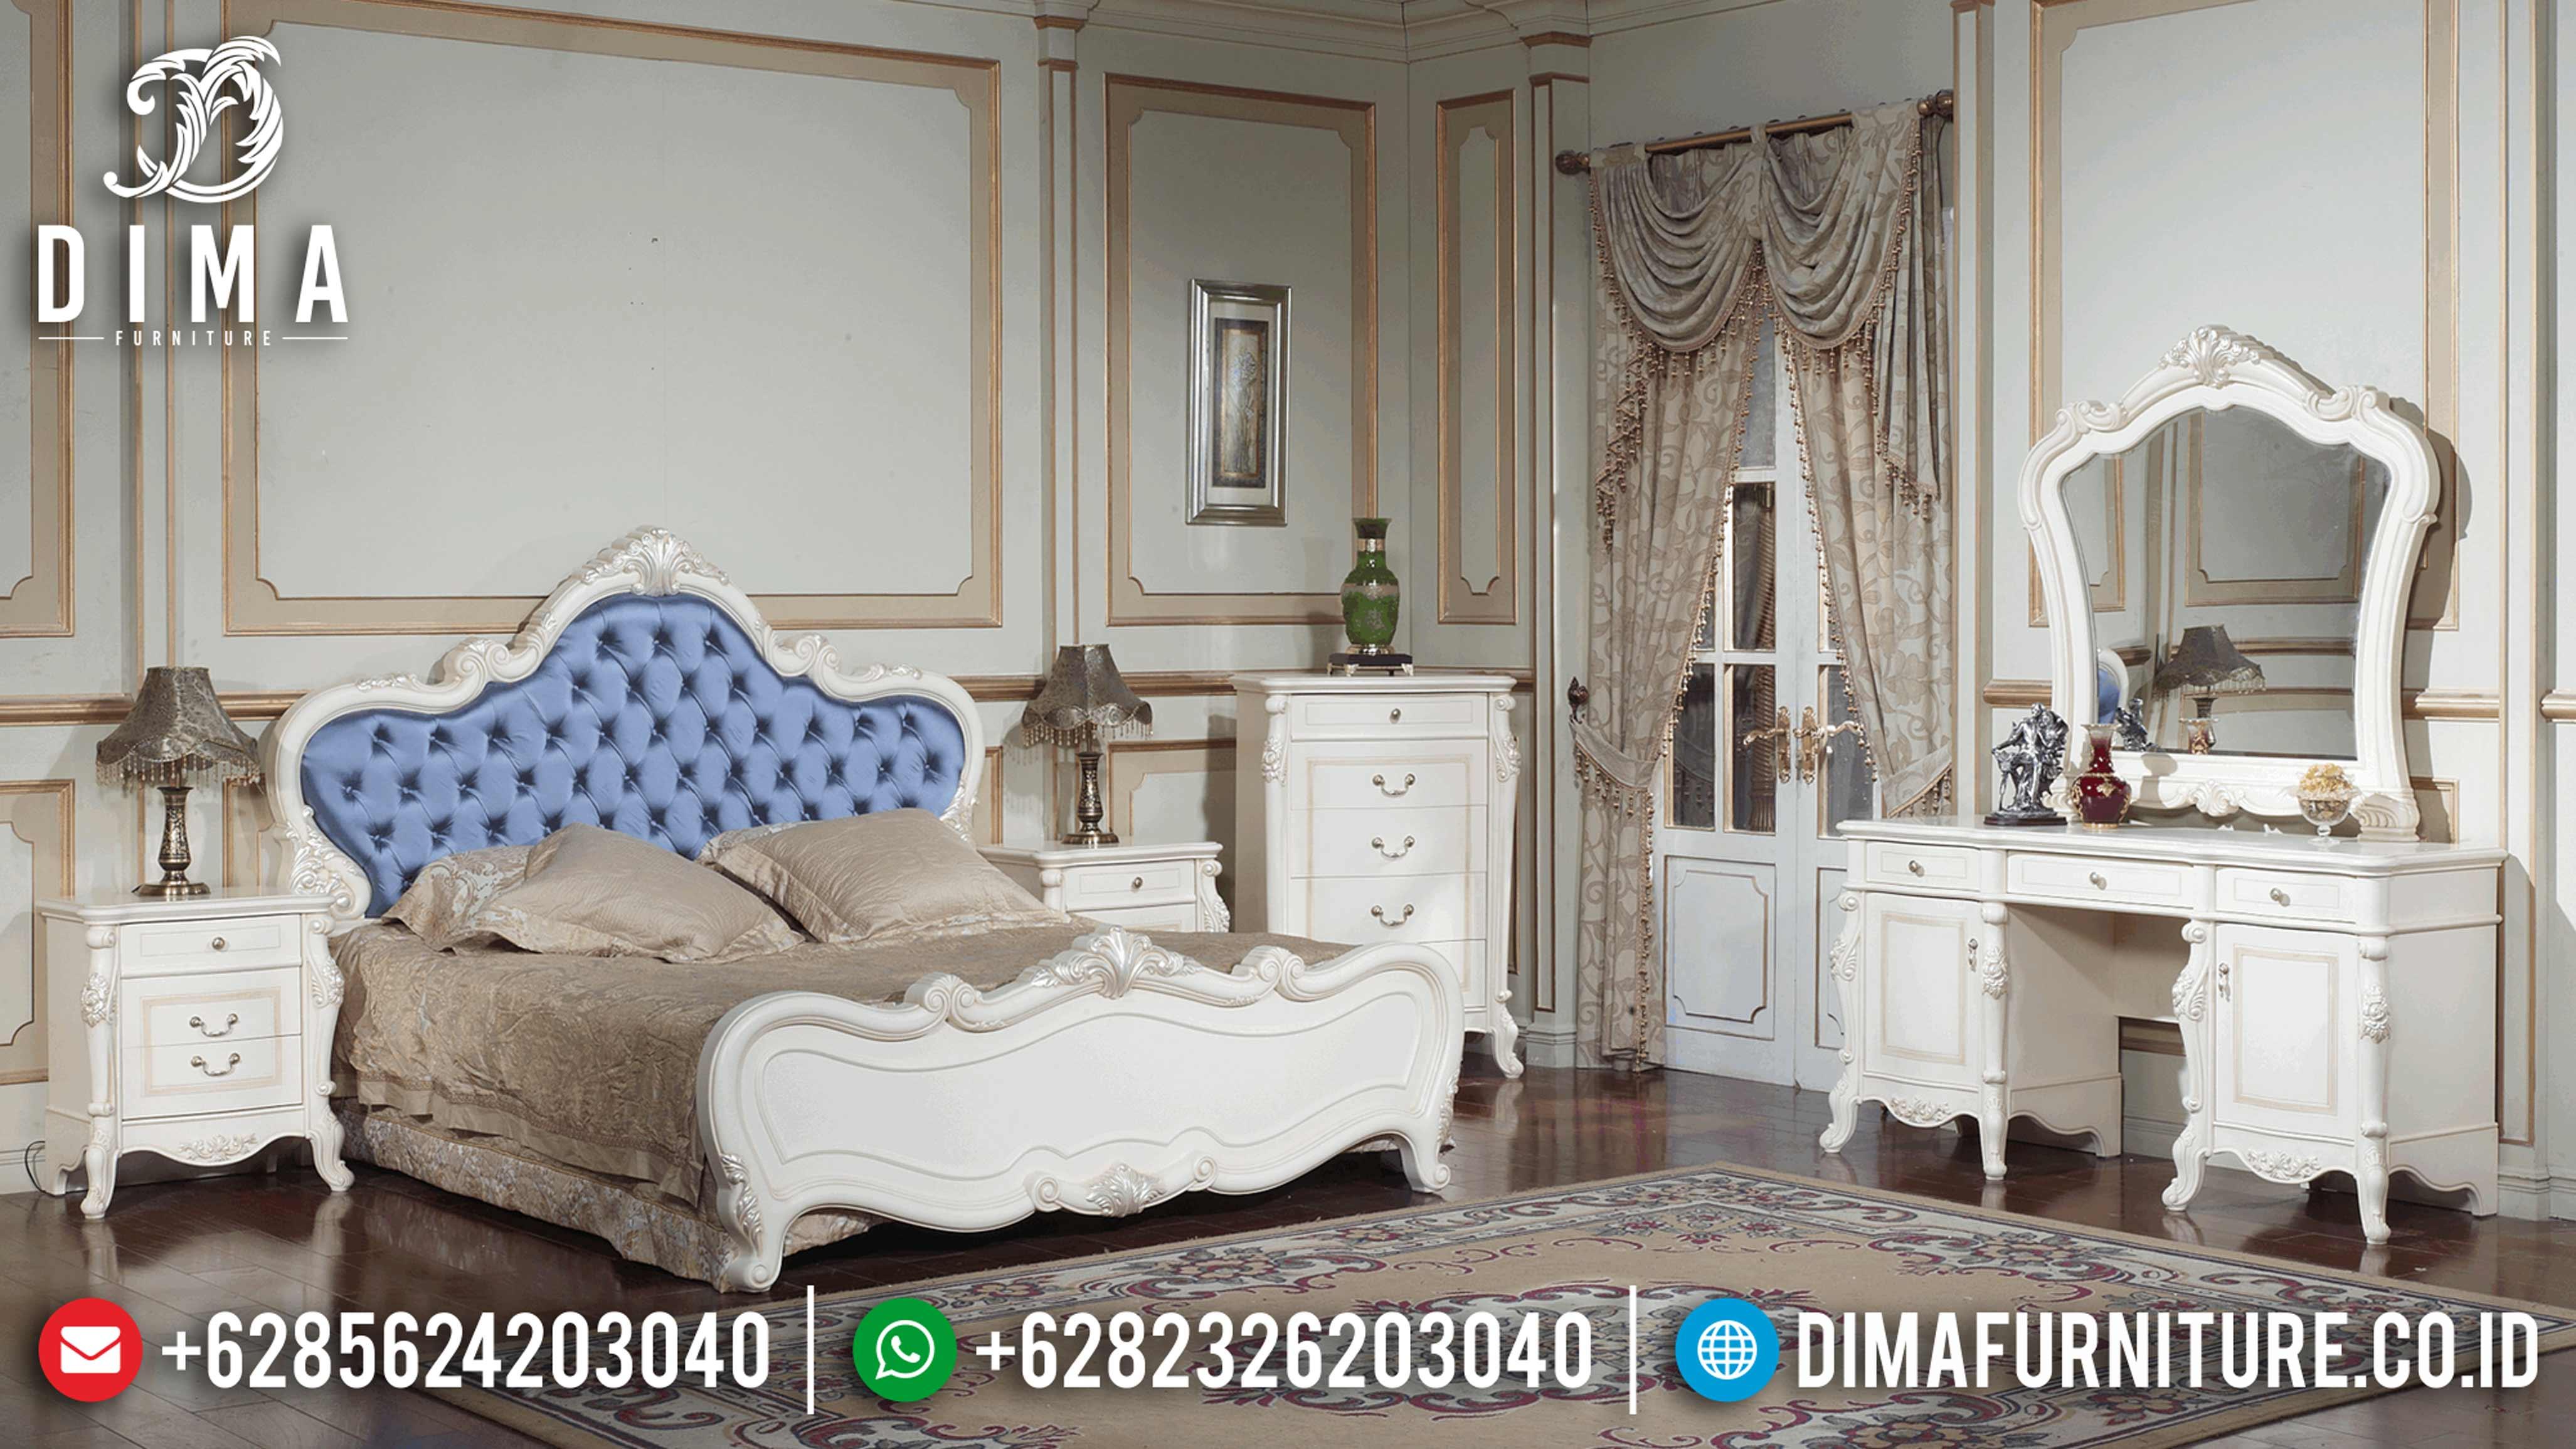 Harga Dipan Terbaru, Tempat Tidur Jepara Mewah, Kamar Set Mewah BT-0023